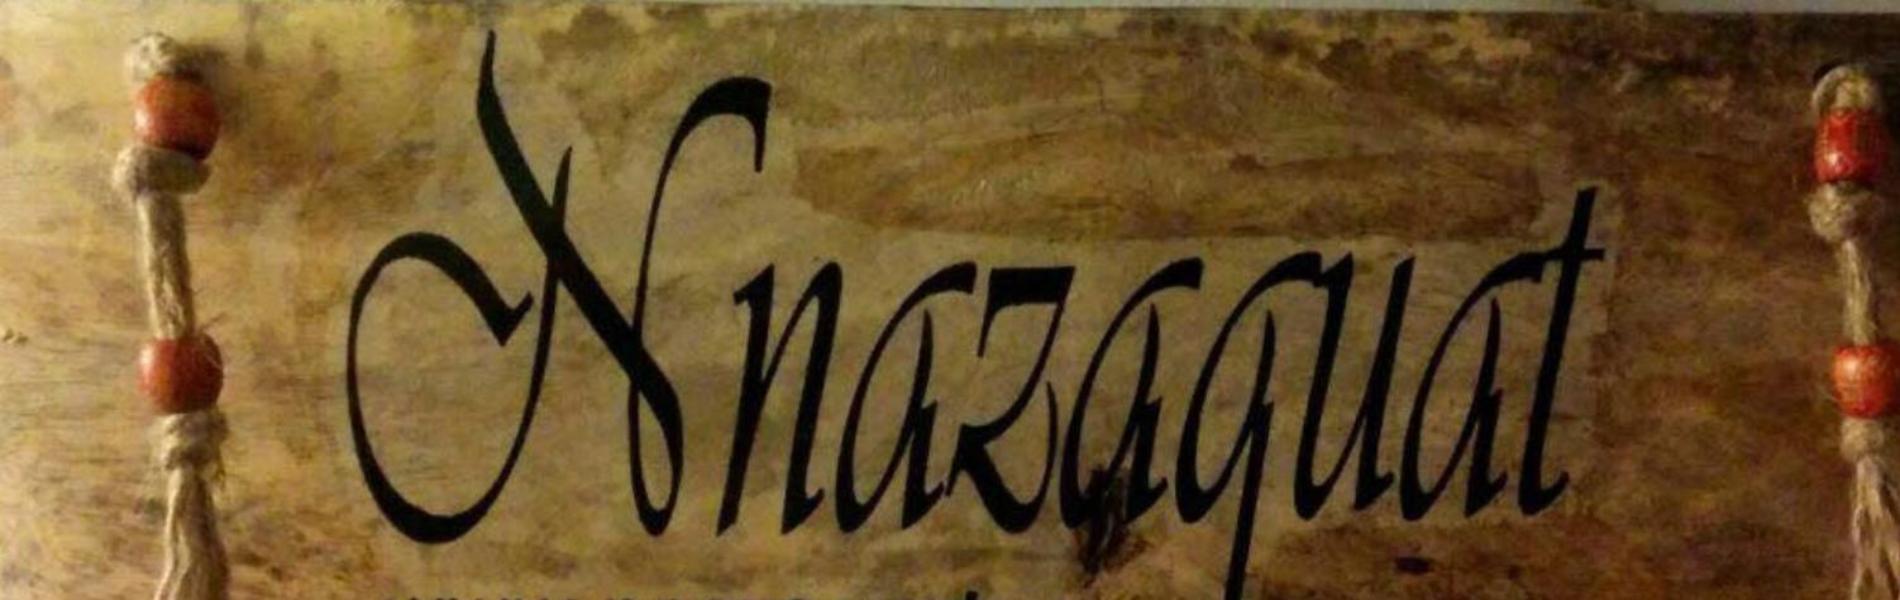 Nnazaquat